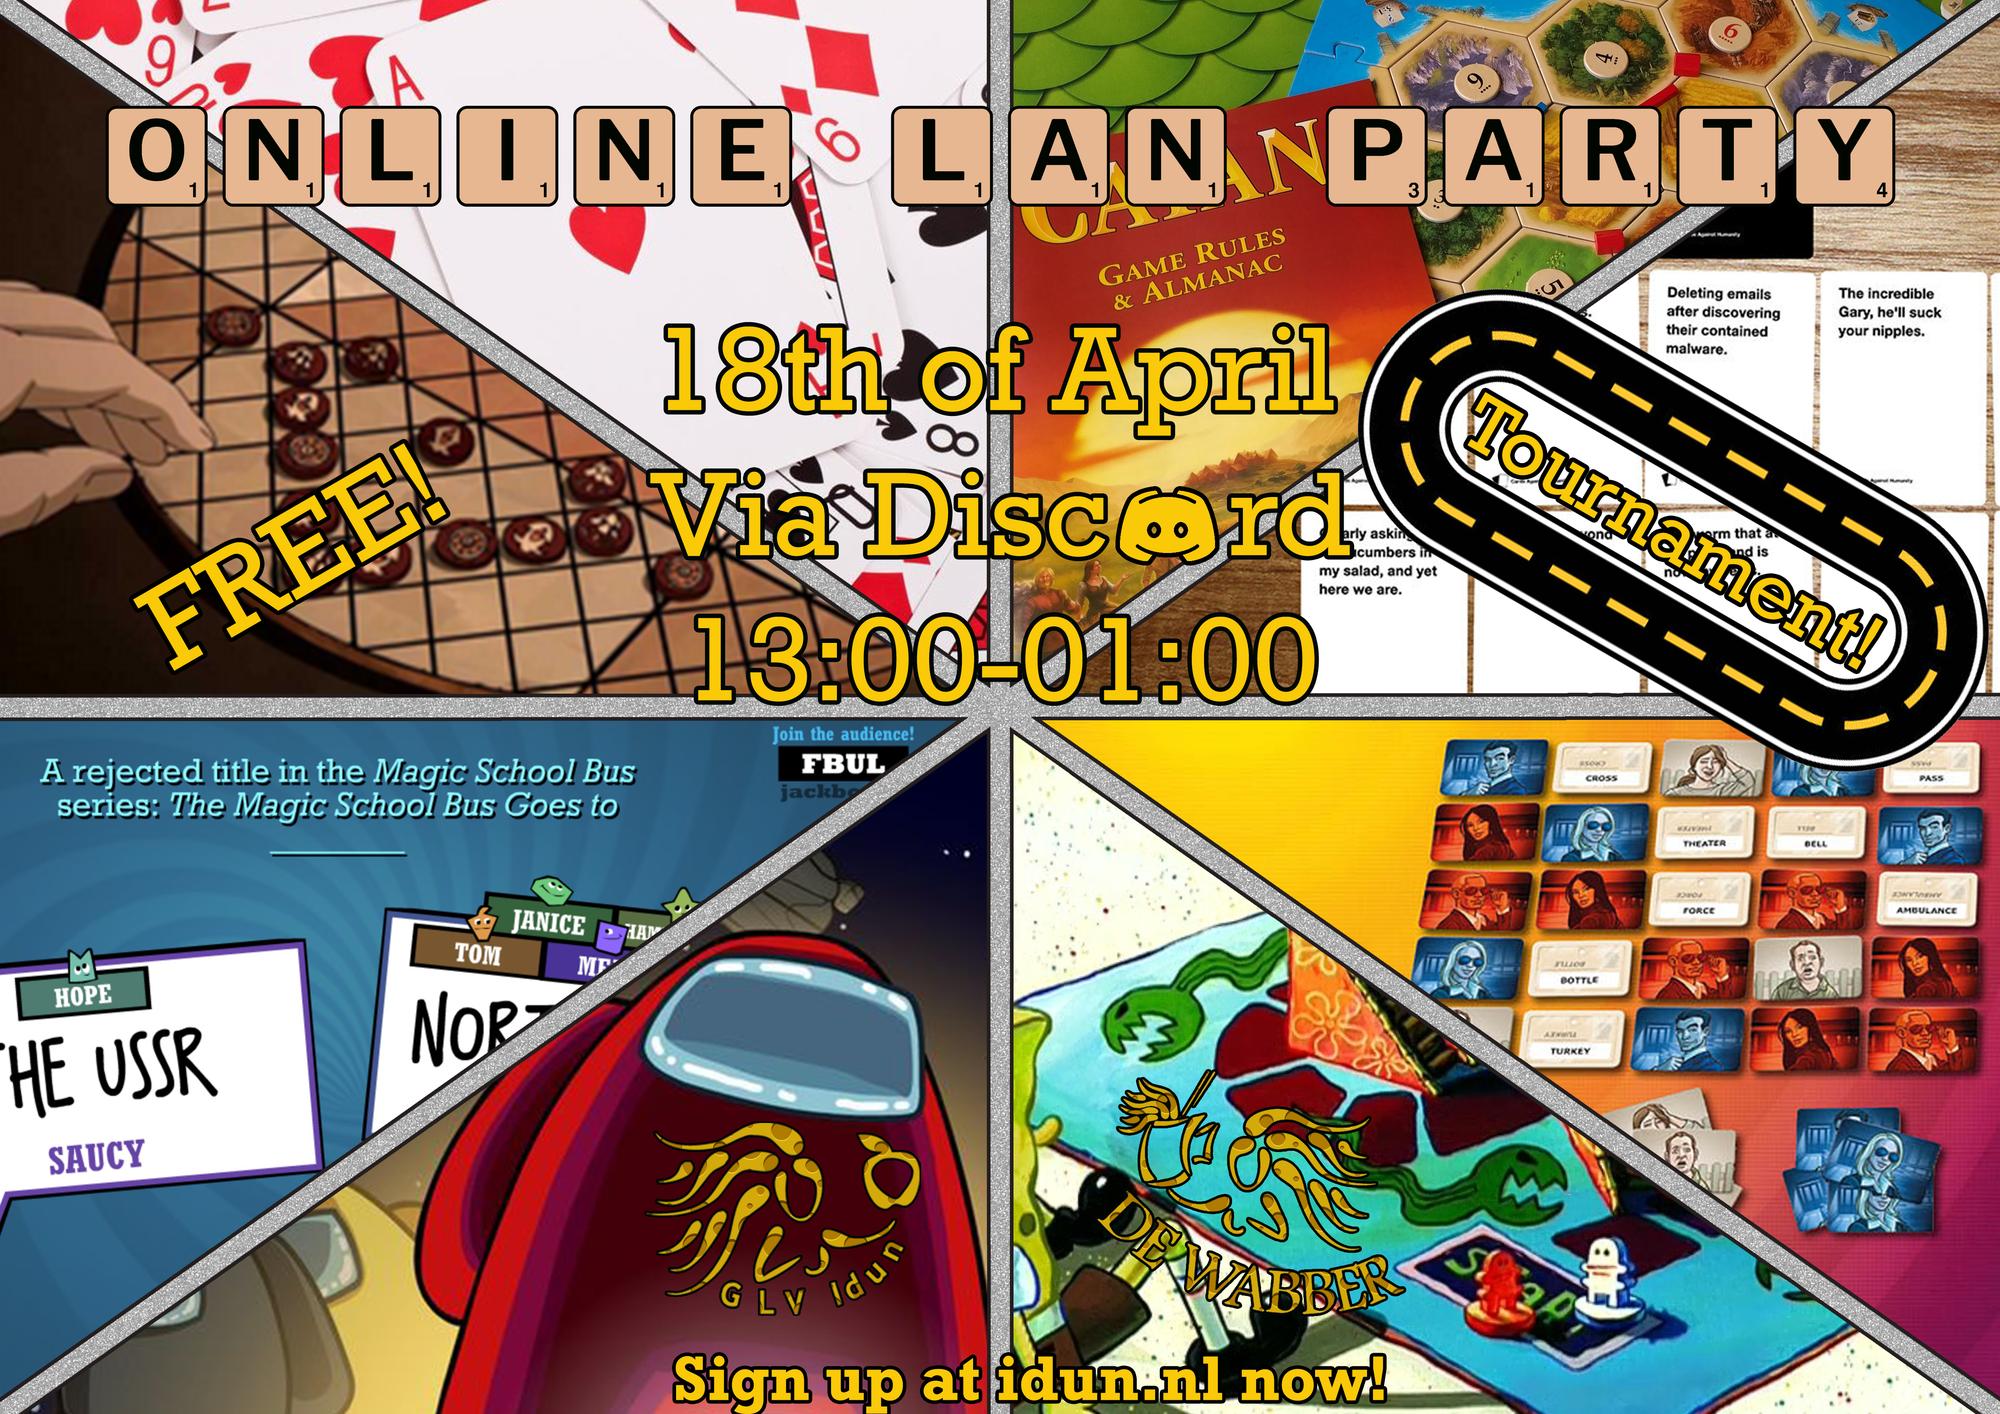 Online Lan Party